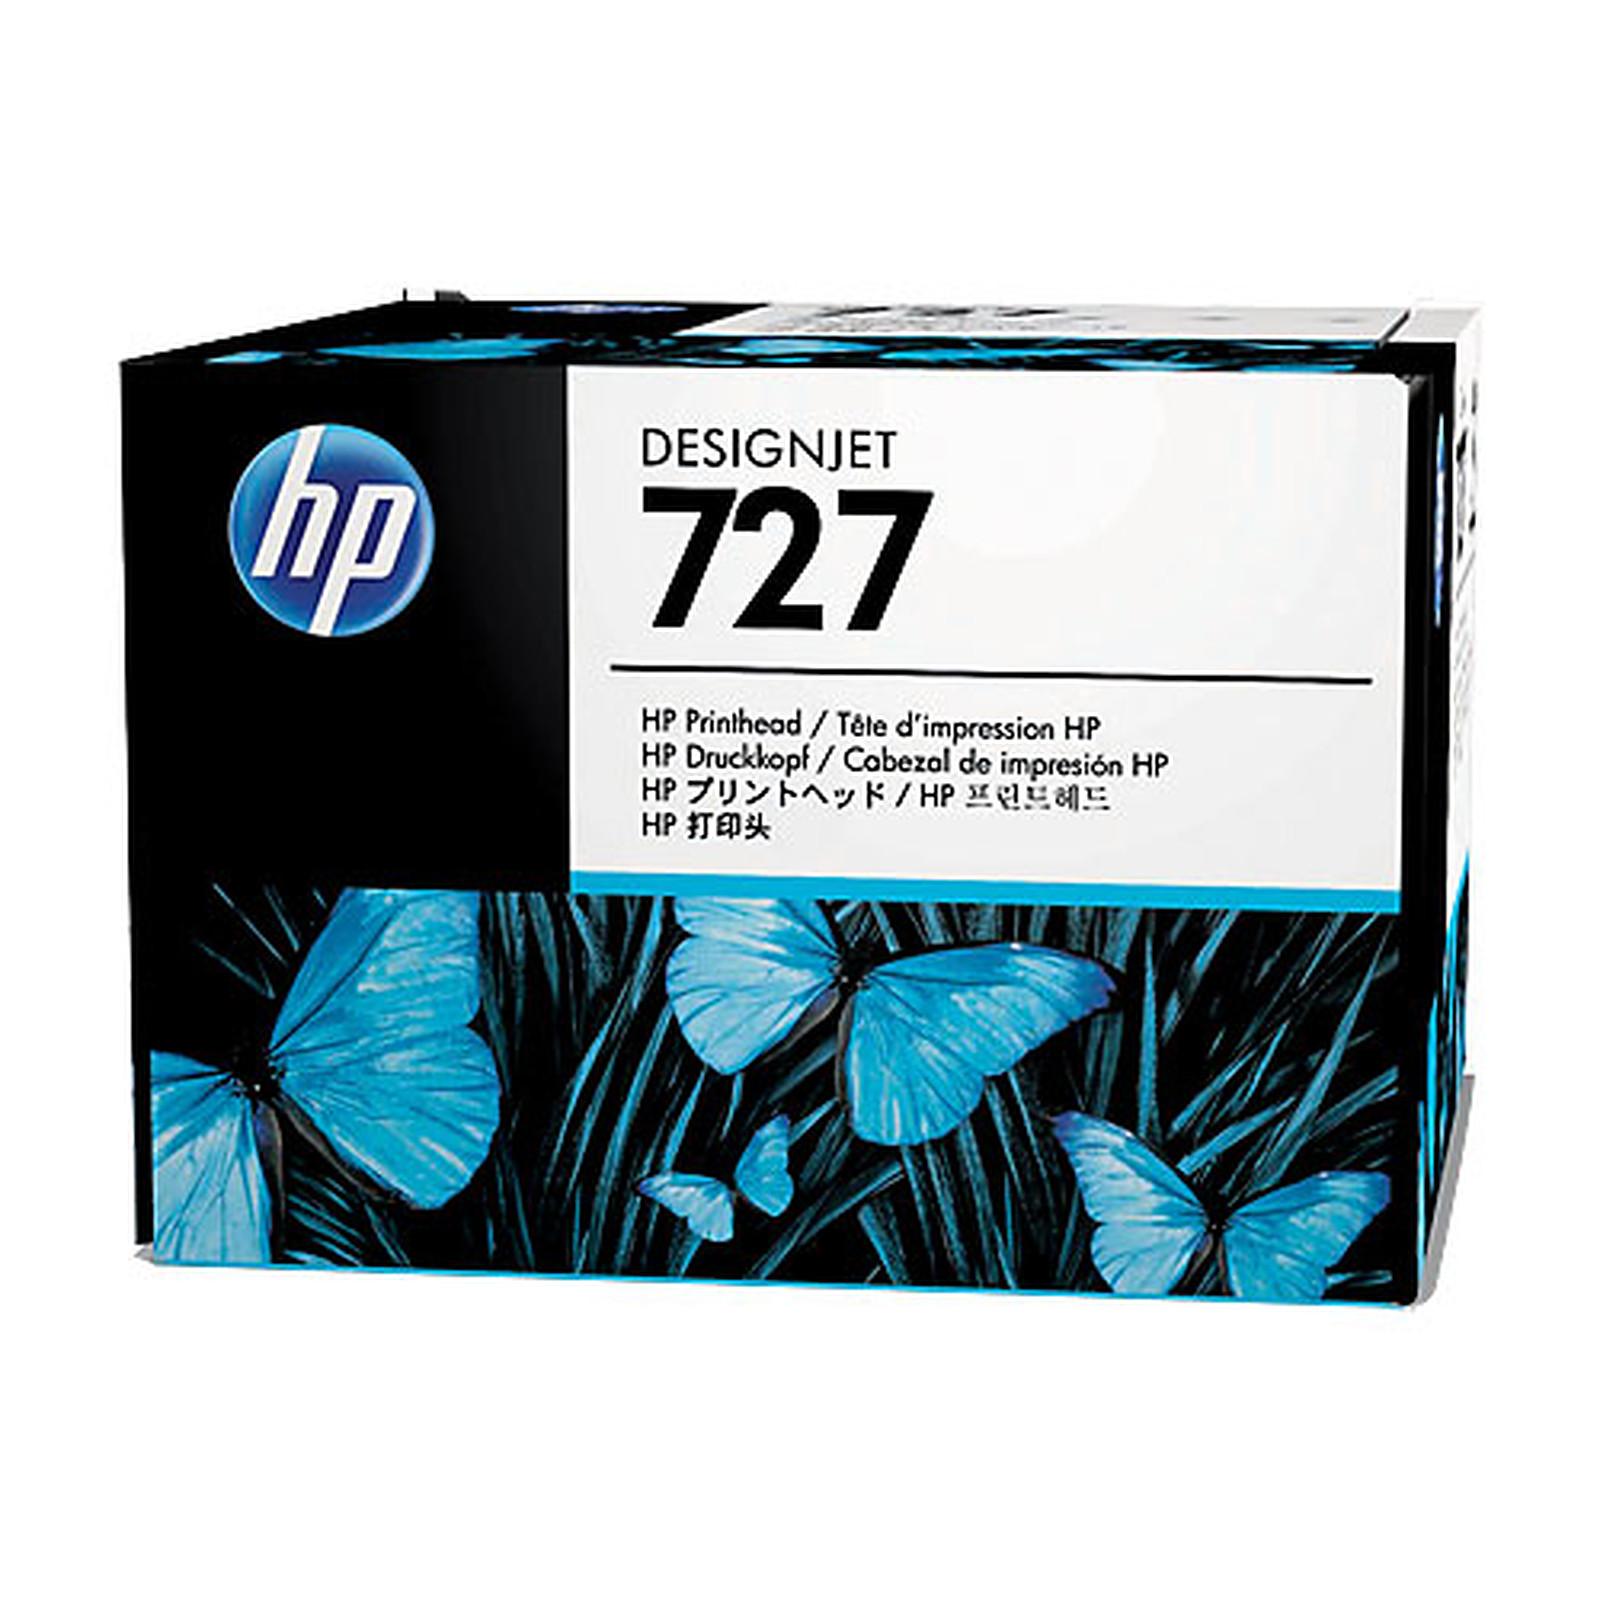 HP 727 Designjet - 6 couleurs